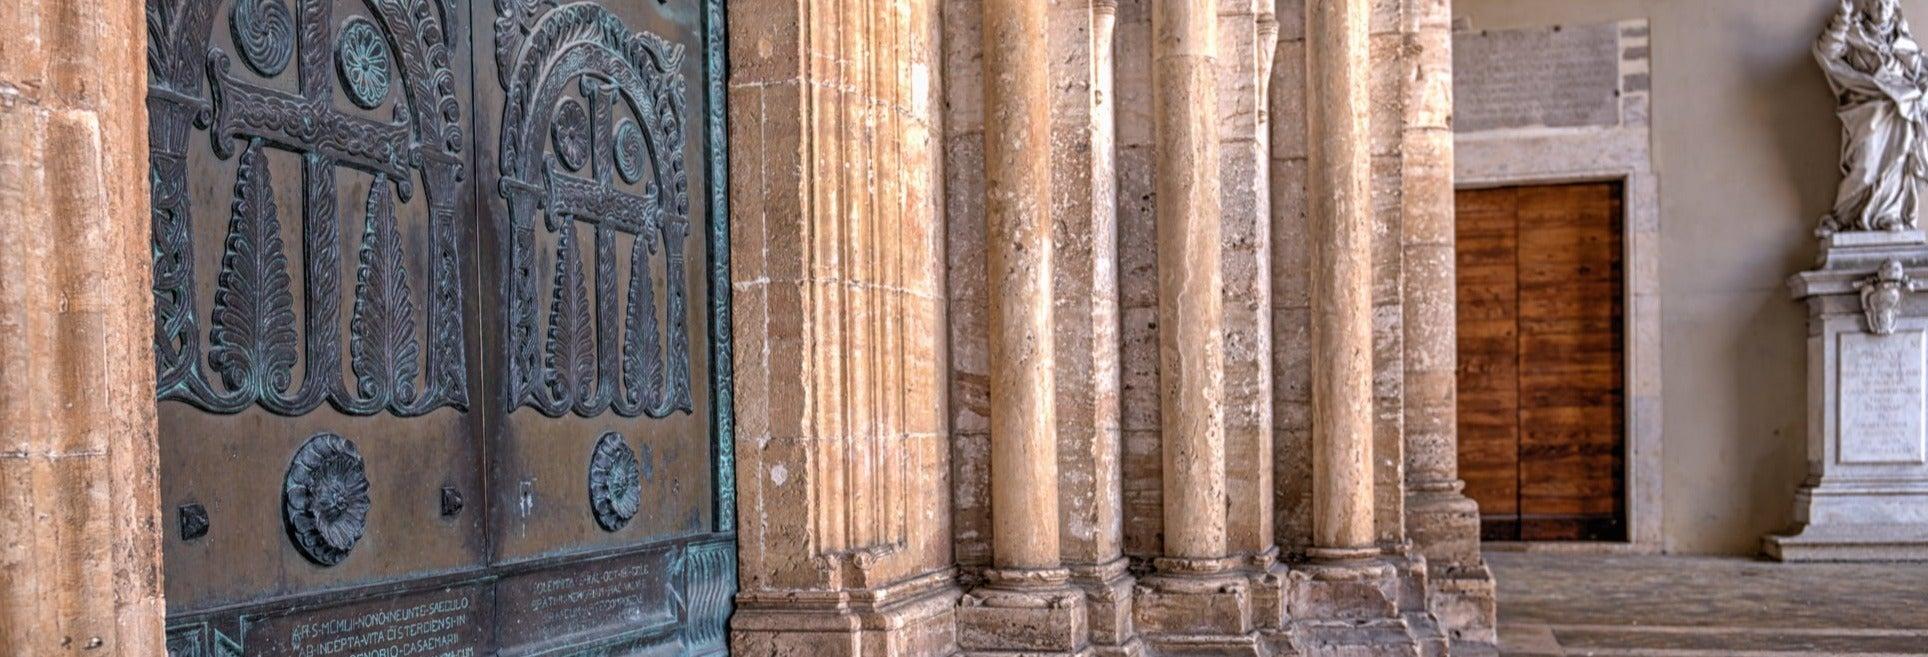 Visite guidée de l'Abbaye de Casamari